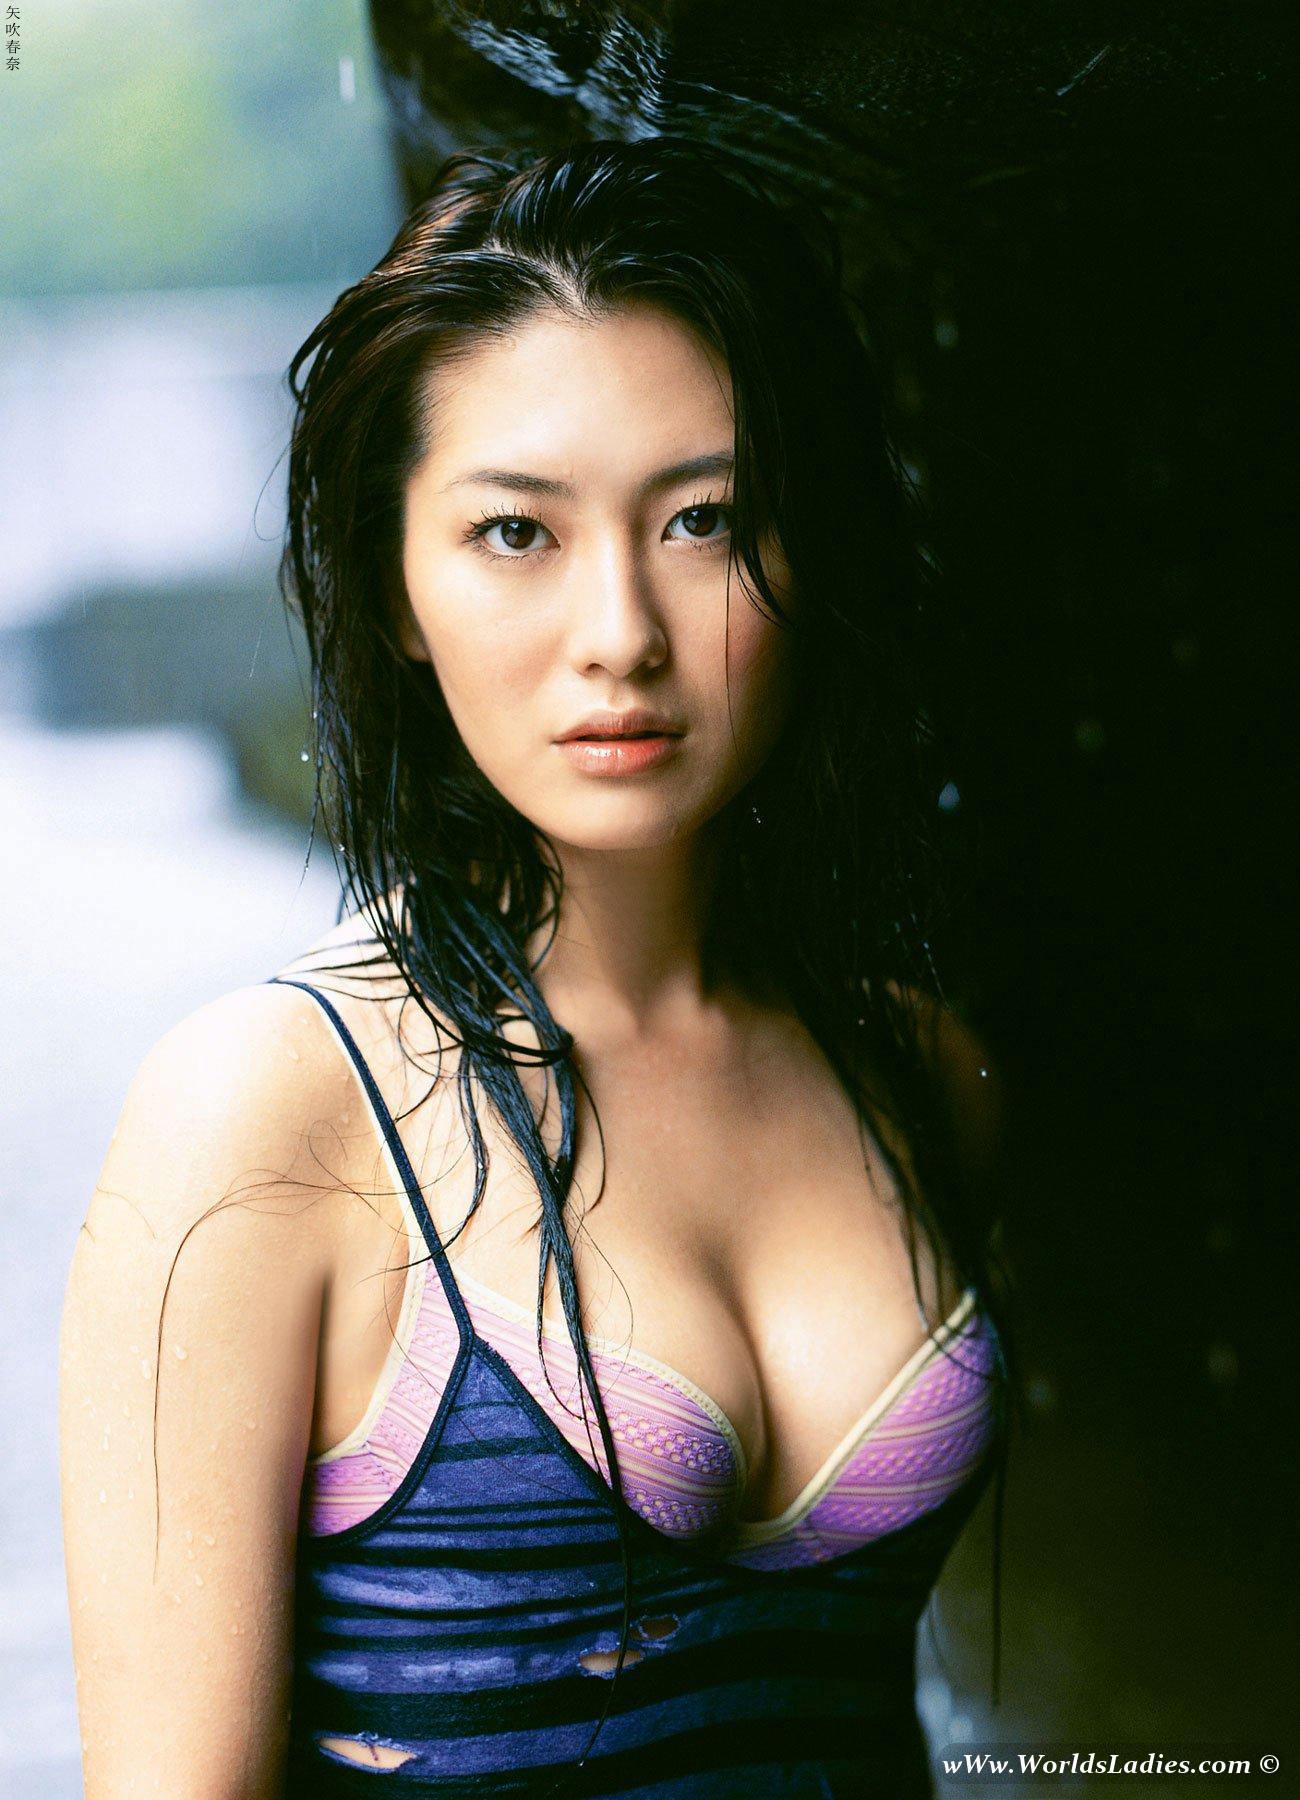 Haruna Yabuki Photo Gallery